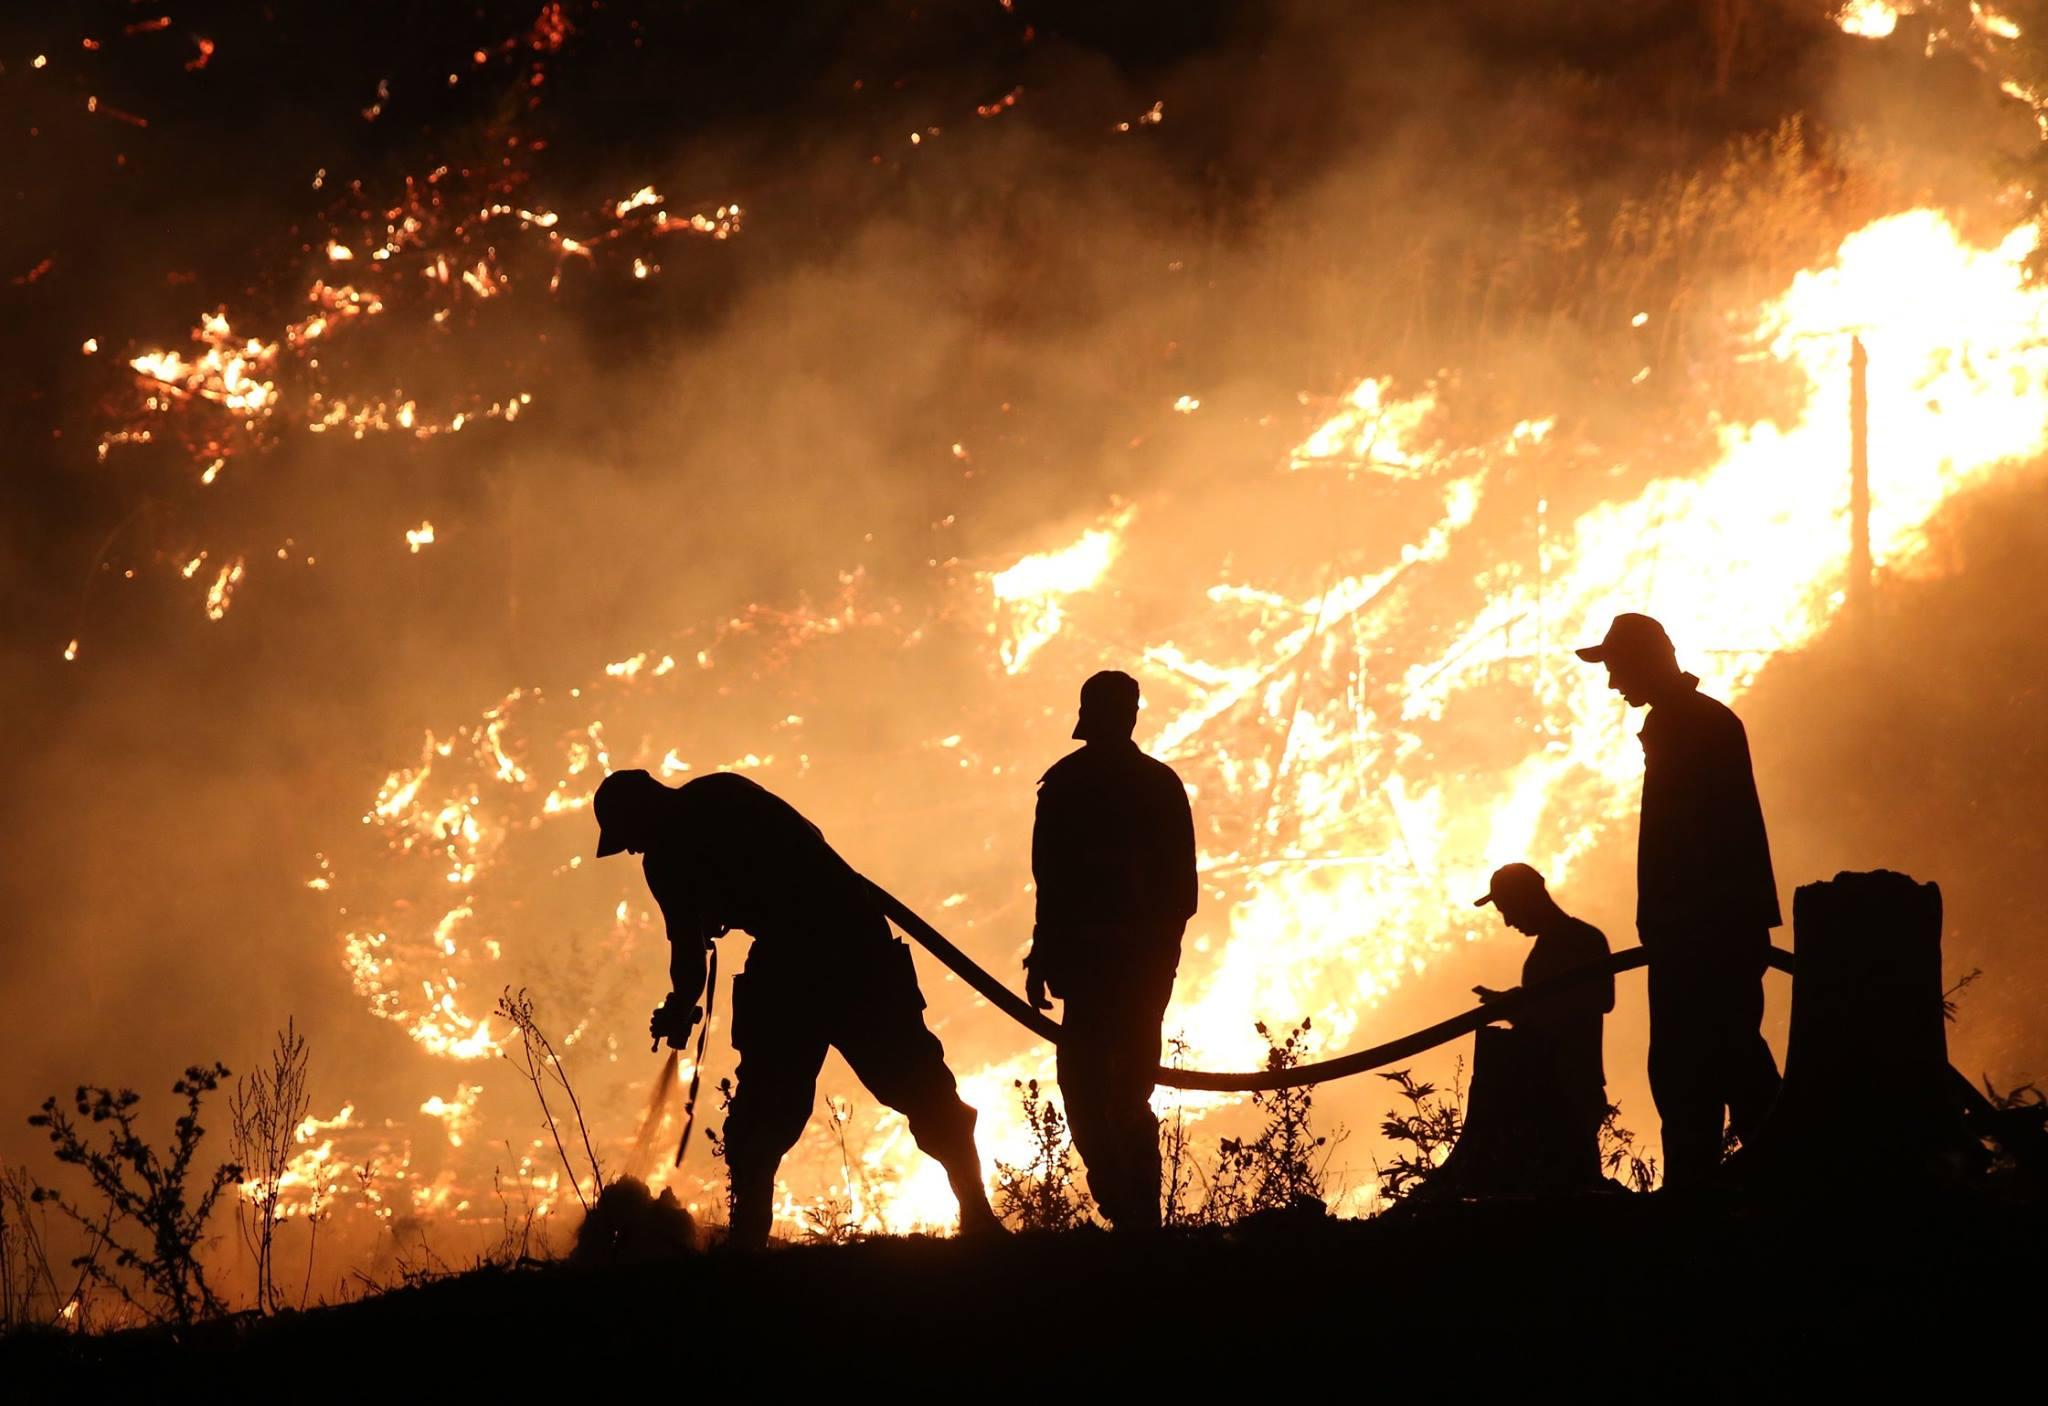 21014218 503821976629498 7304162394807568288 o #новости featured, Боржоми-Харагаульский парк, боржомский лес, вертолеты, Грузия, пожар, помощь